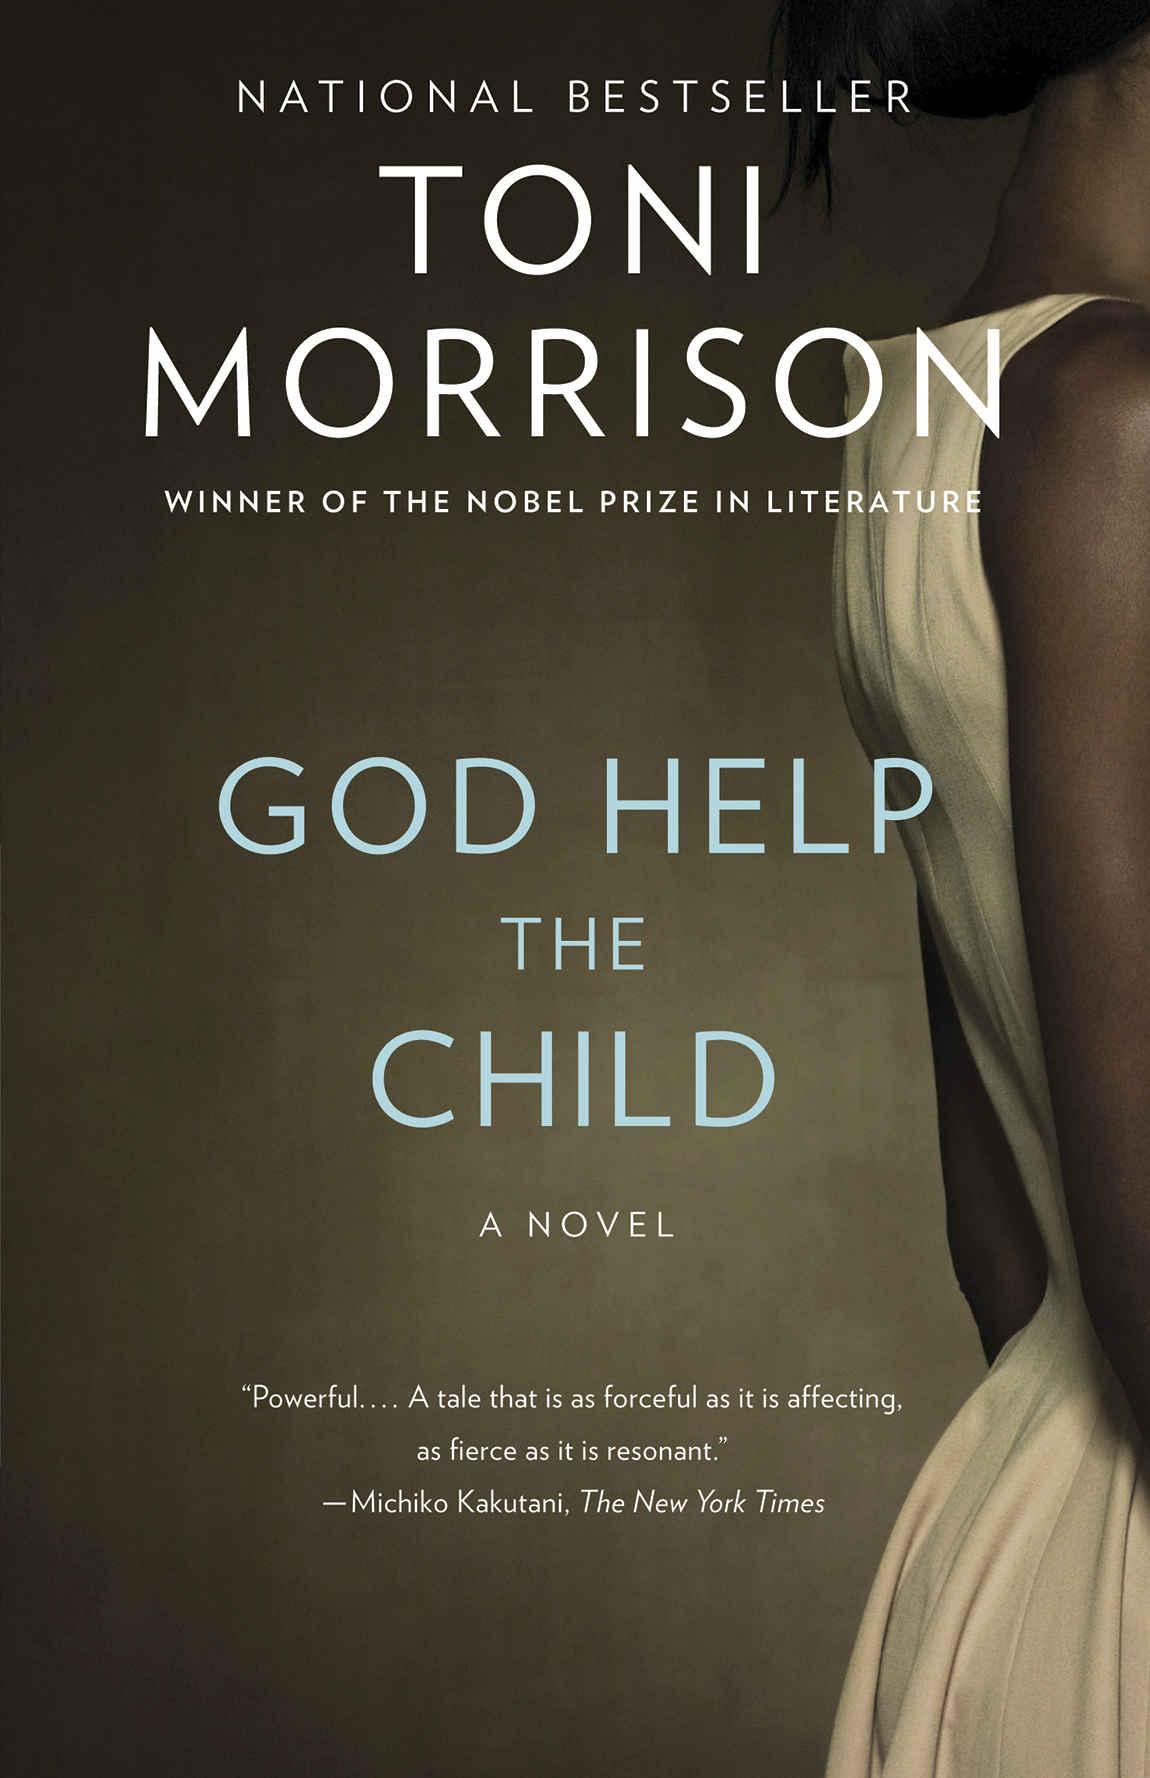 God Help the Child: A Novel - Toni Morrison [kindle] [mobi]